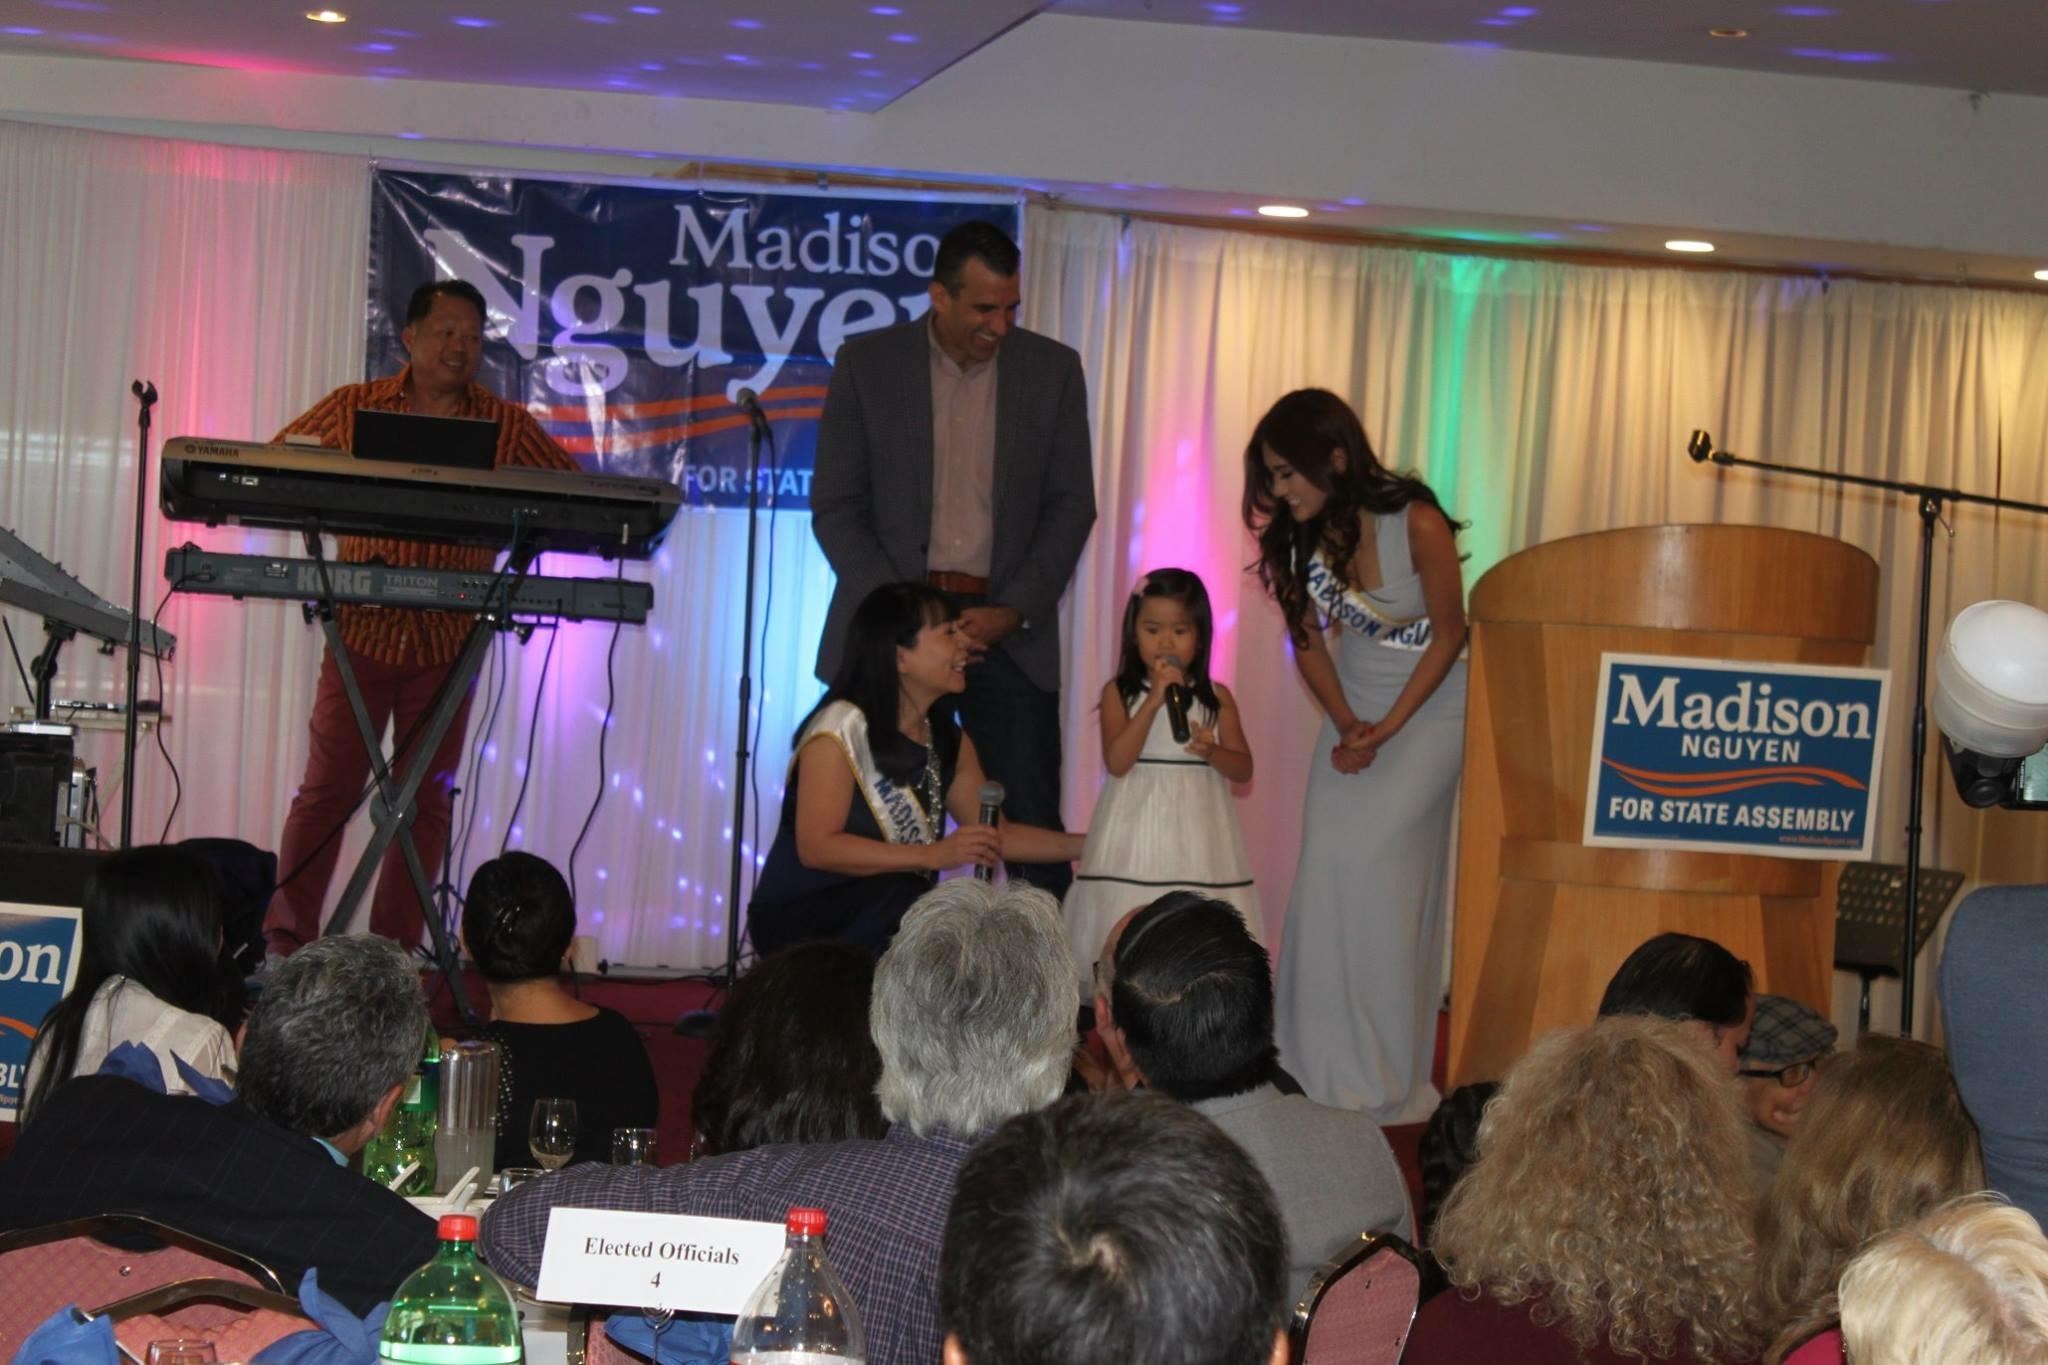 Bé Olivia con của Madison Nguyễn ca tụng mẹ, bên cạnh thị trưởng Sam Liccardo